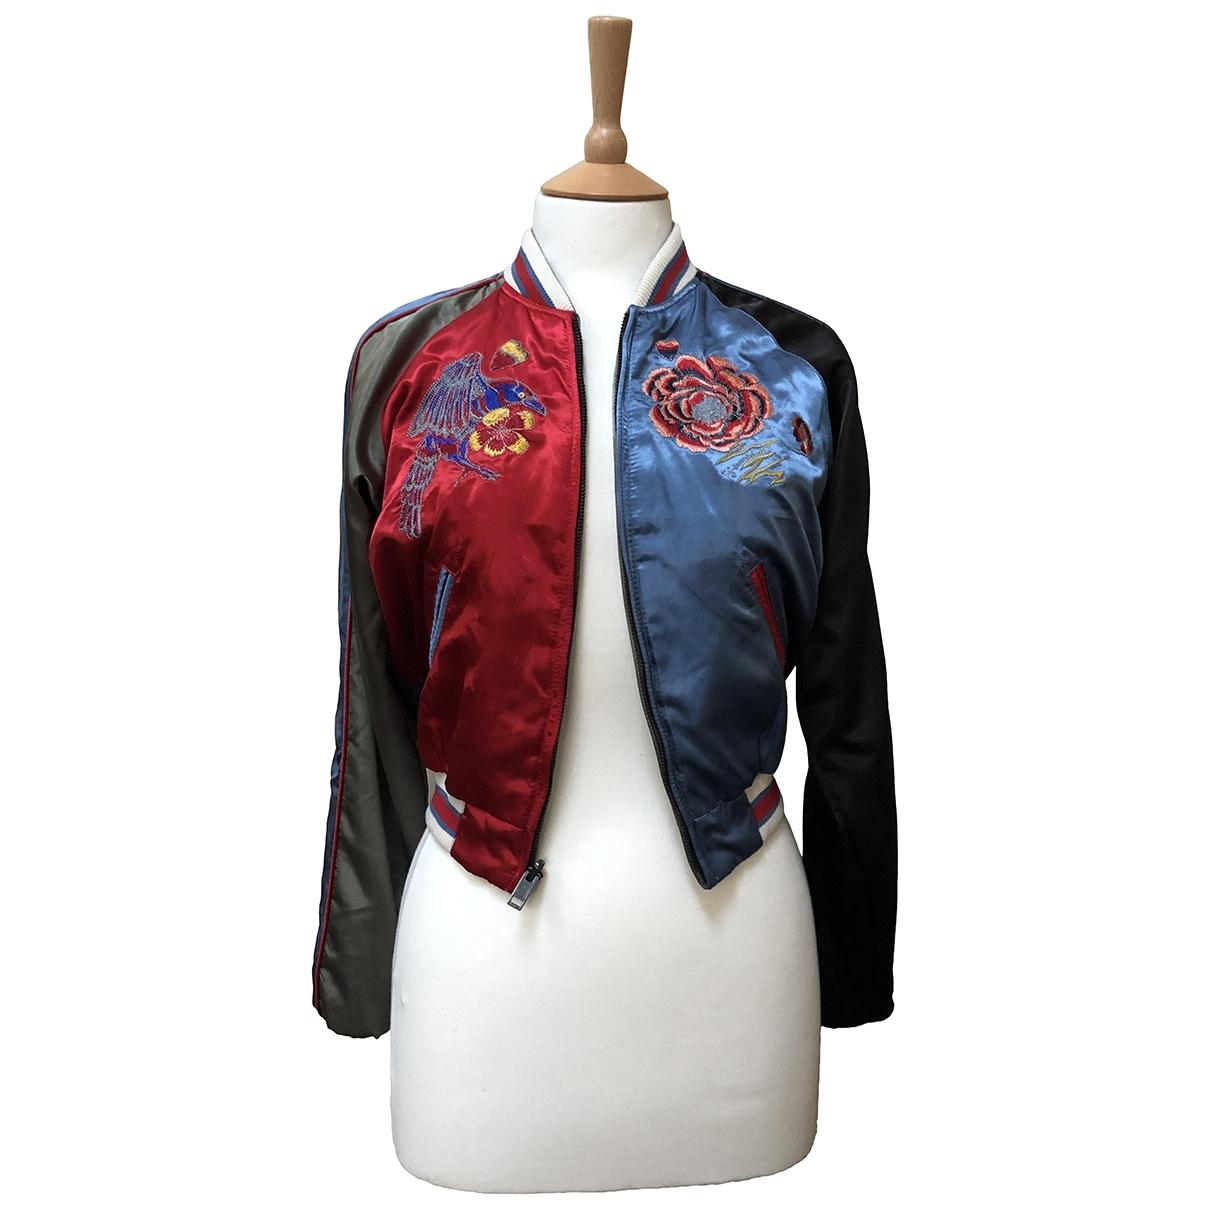 Diesel - Veste   pour femme - multicolore